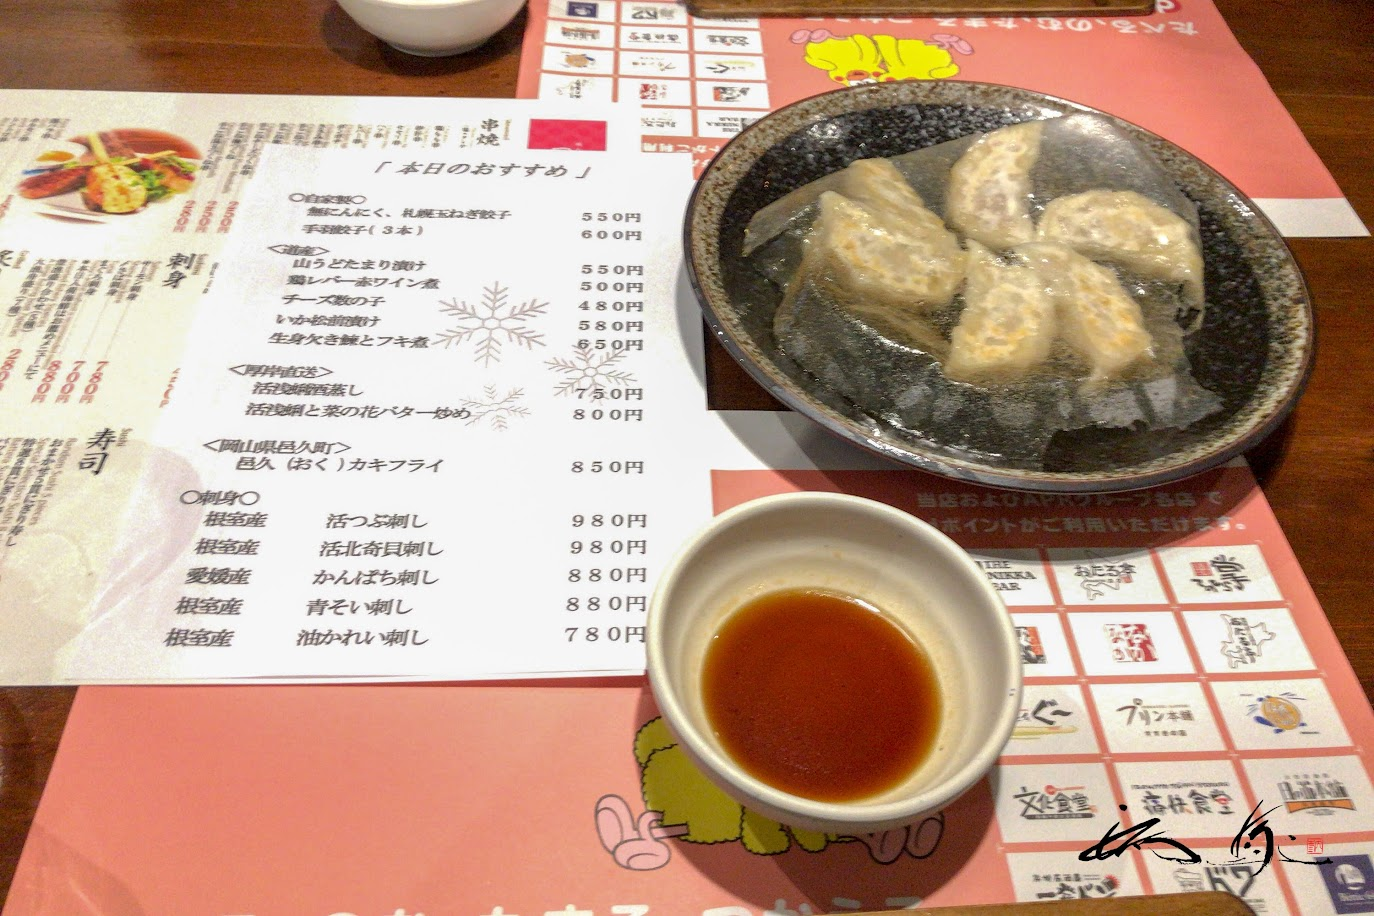 自家製 無にんにく 札幌玉ねぎ餃子